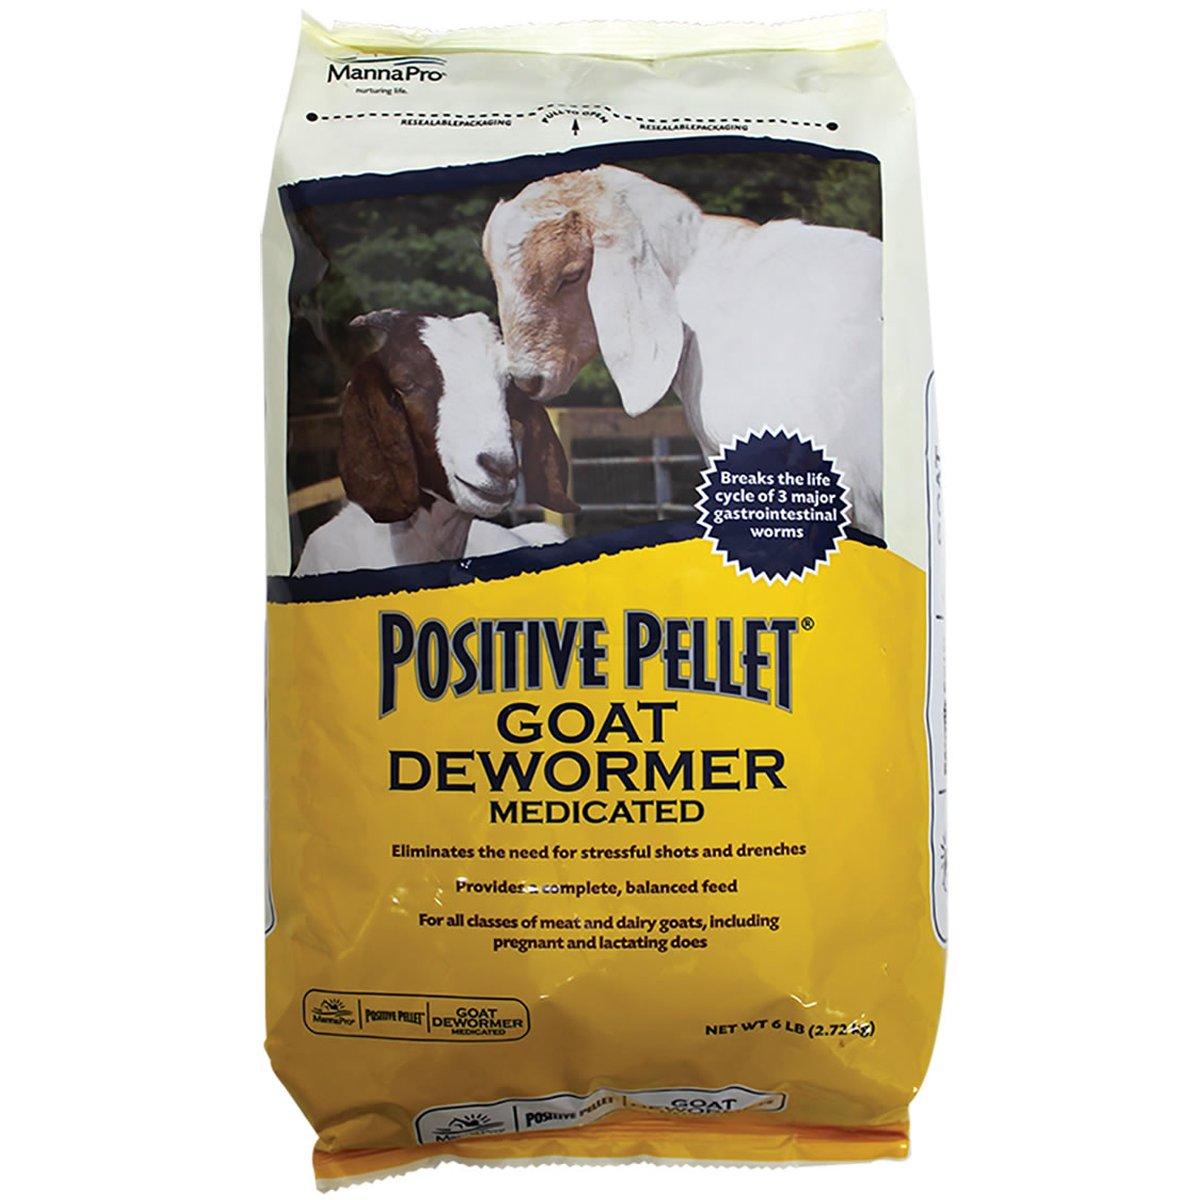 Manna Pro Positive Pellet Medicated Goat Dewormer, 6-Pounds